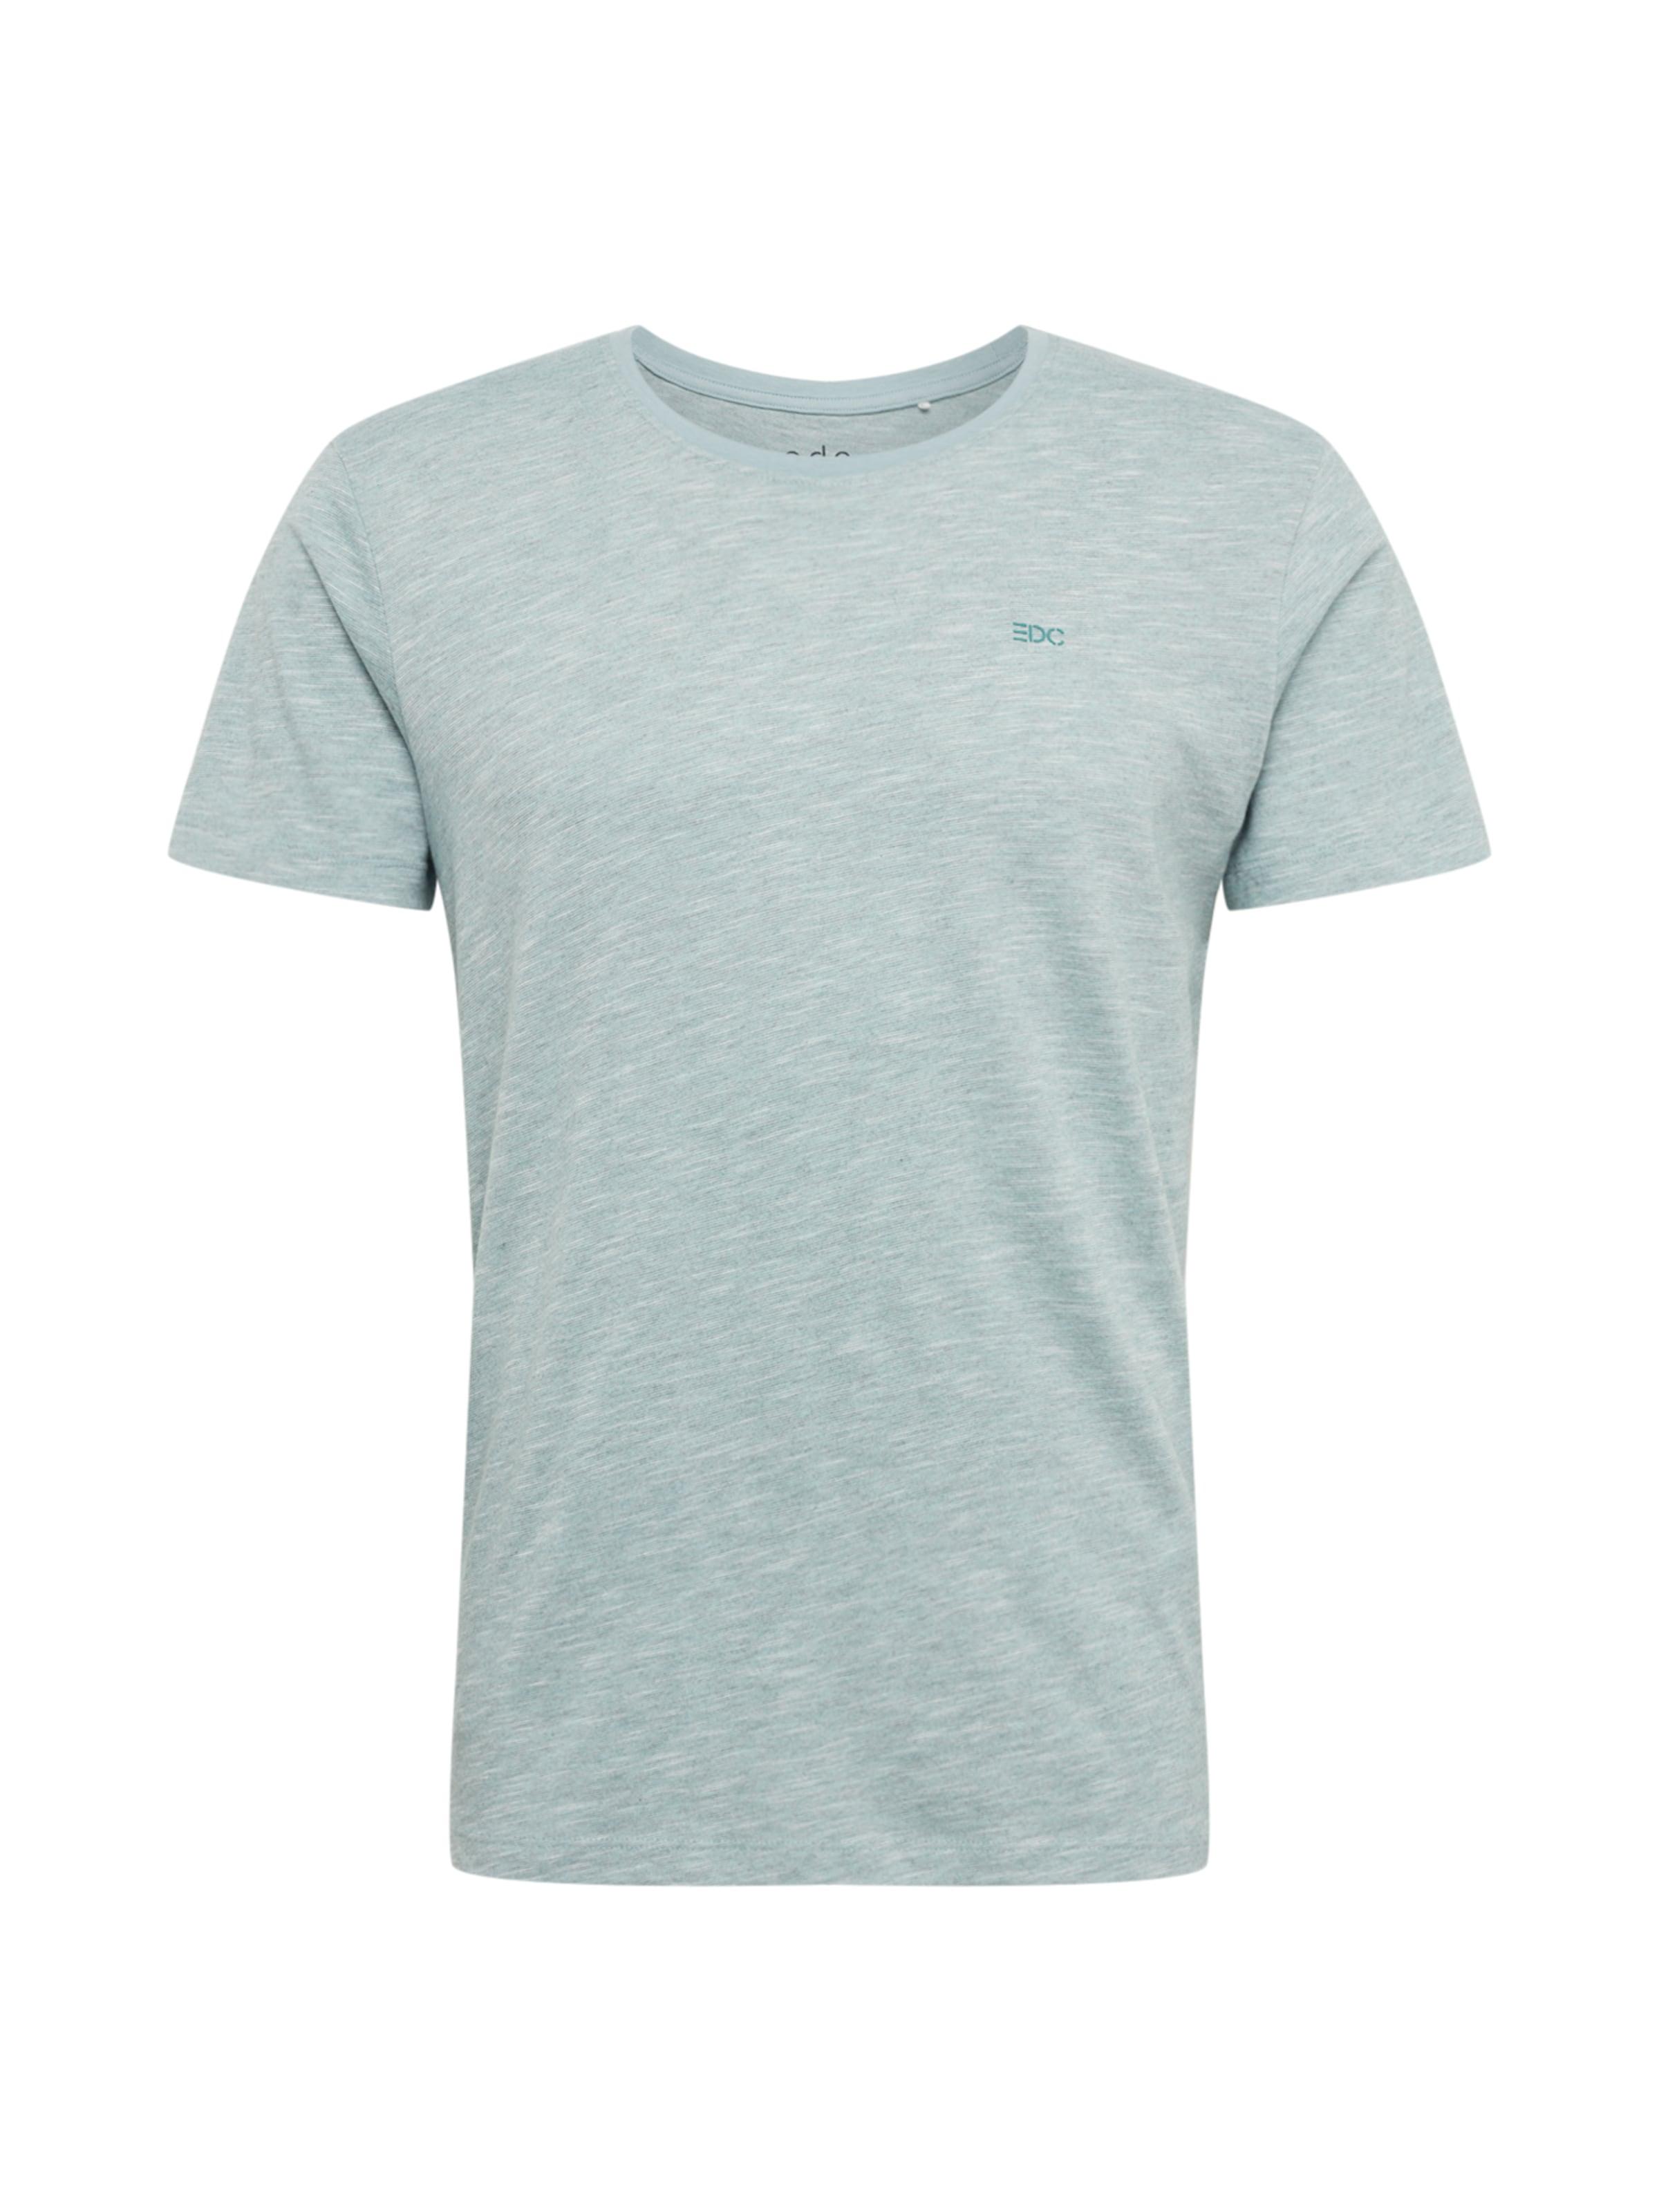 T Esprit By Edc shirt Menthe En 35AL4Rjq